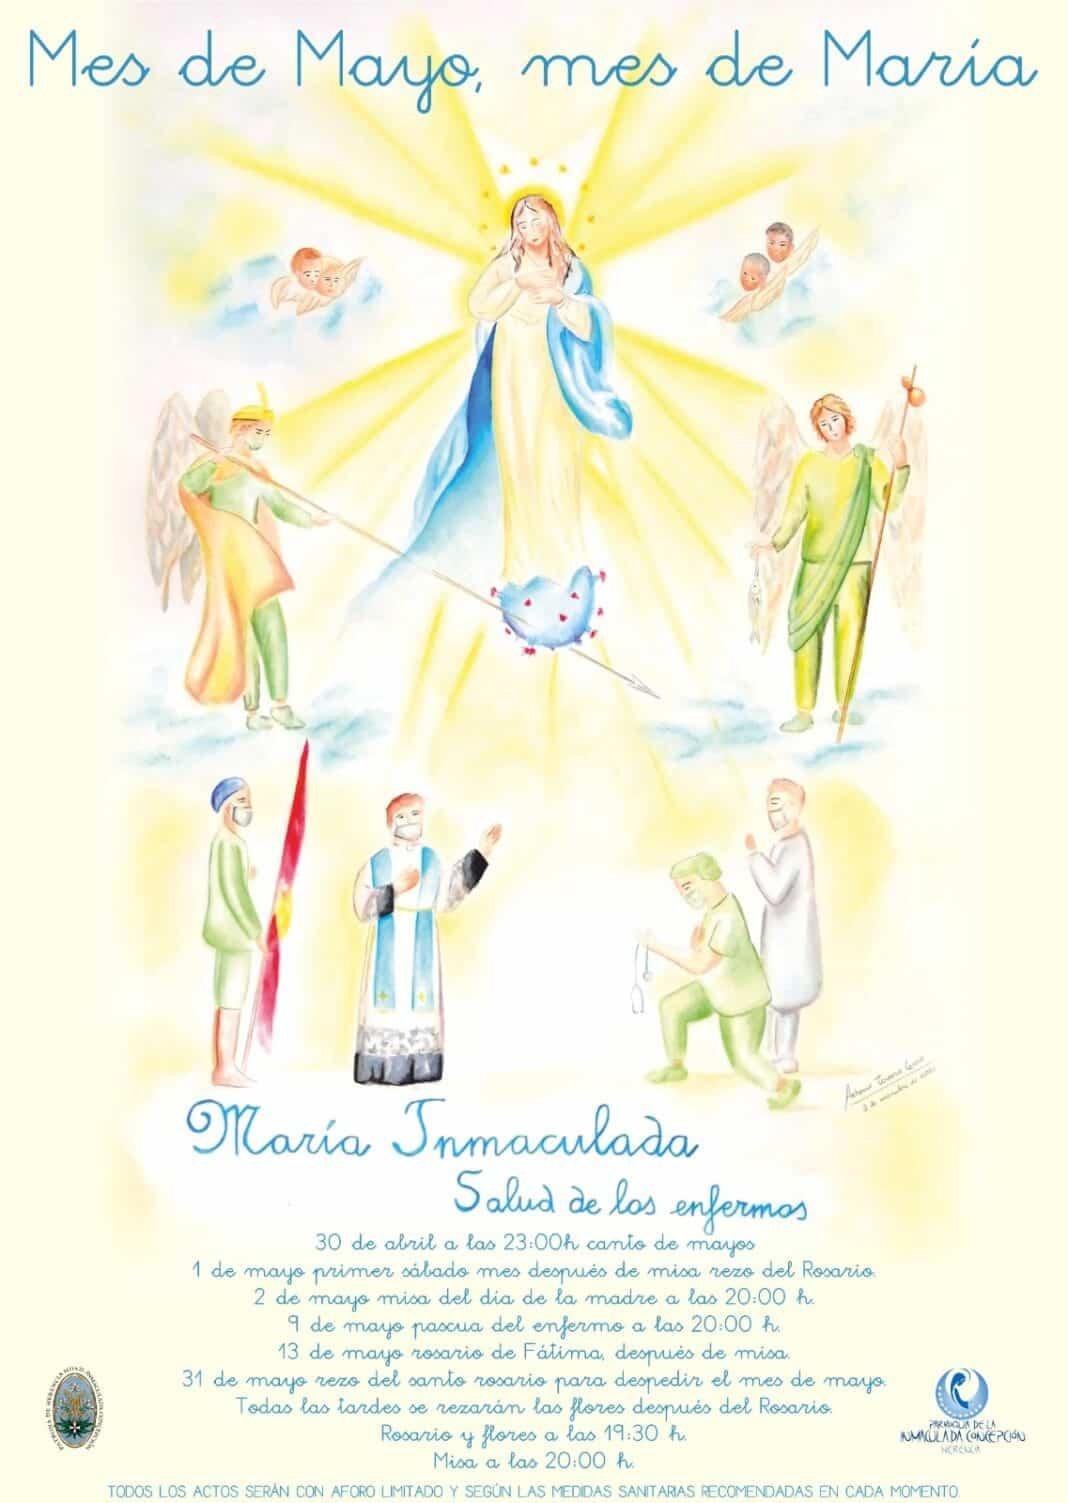 Mes de mayo en la parroquia Inmaculada Concepción de Herencia 1